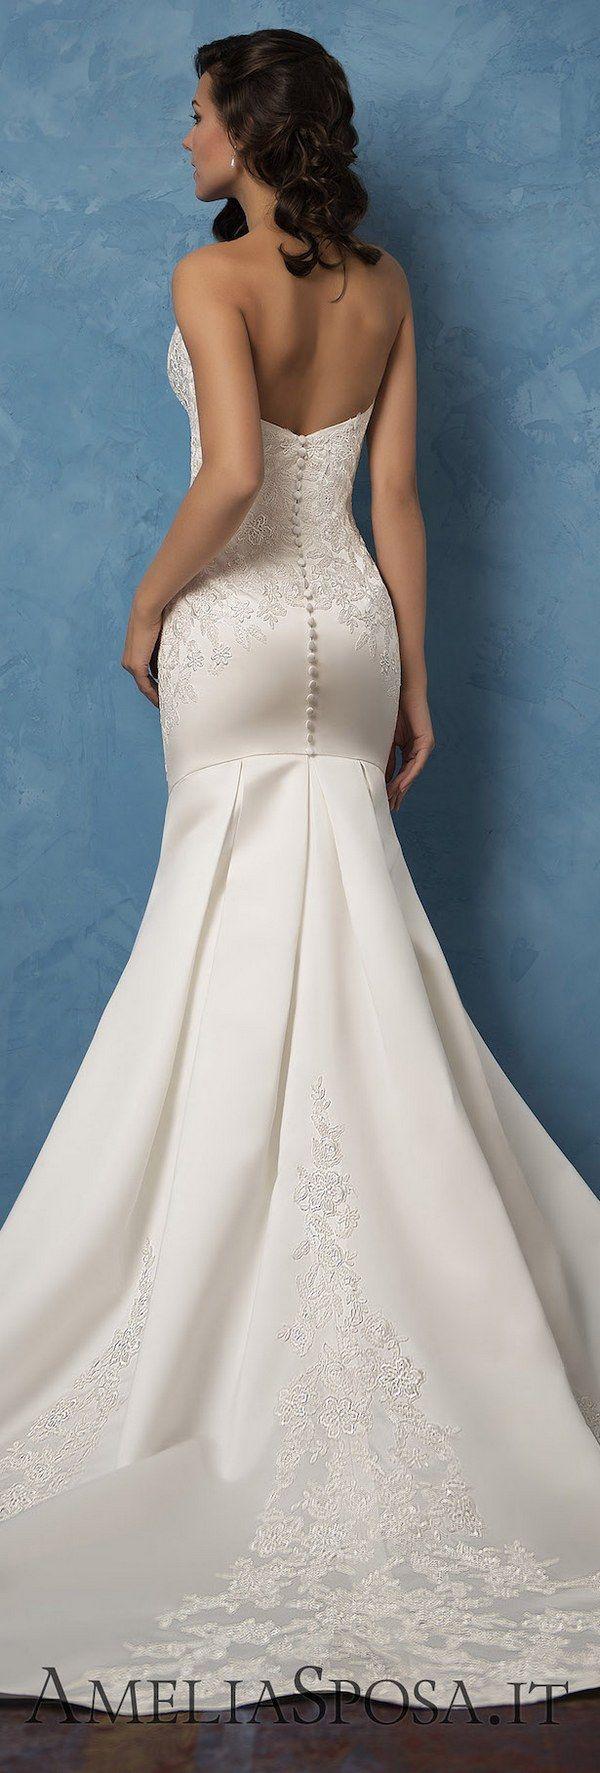 Amelia Sposa 2017 Wedding Dresses - Page 2 of 5 - Deer Pearl Flowers / http://www.deerpearlflowers.com/amelia-sposa-2017-wedding-dresses/2/